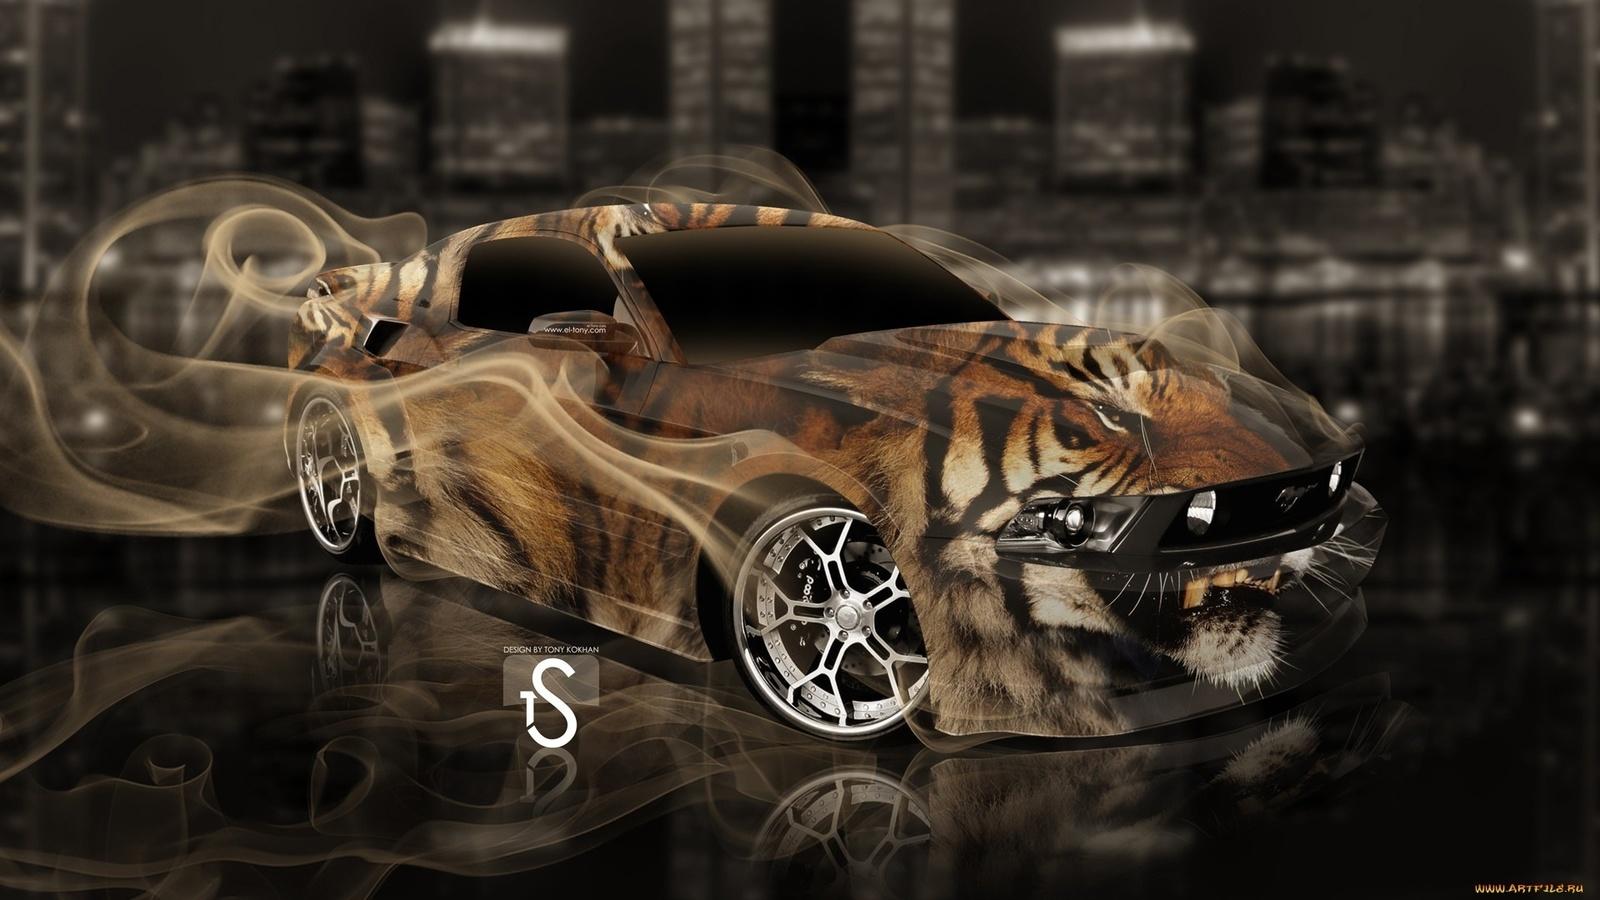 Автомобили обои 1600x900 картинка №32696